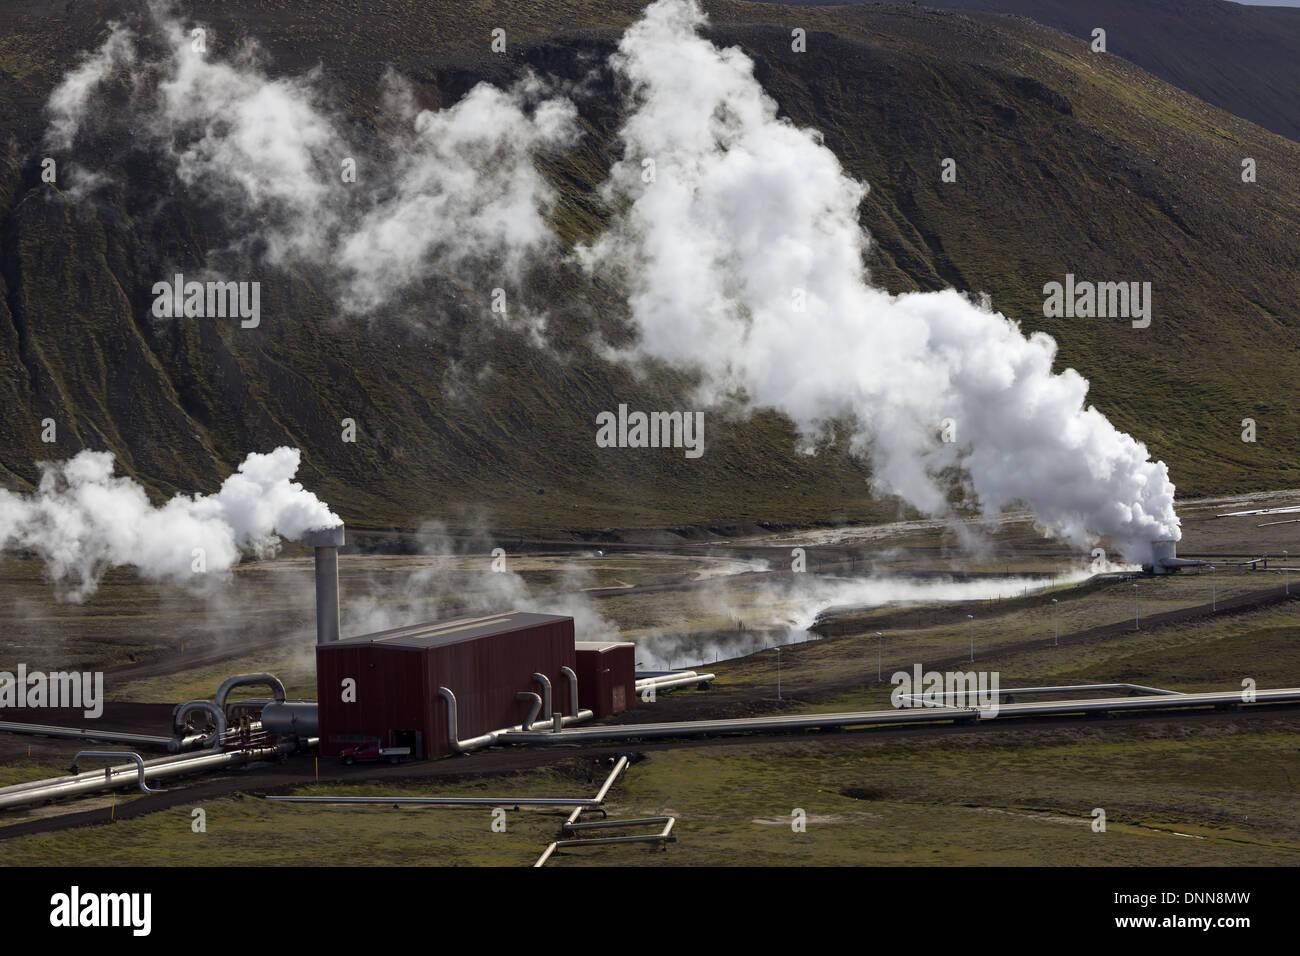 El Krafla Power Station es una estación de energía geotérmica de 60 MW ubicado cerca del Krafla Volcán en Islandia. Imagen De Stock